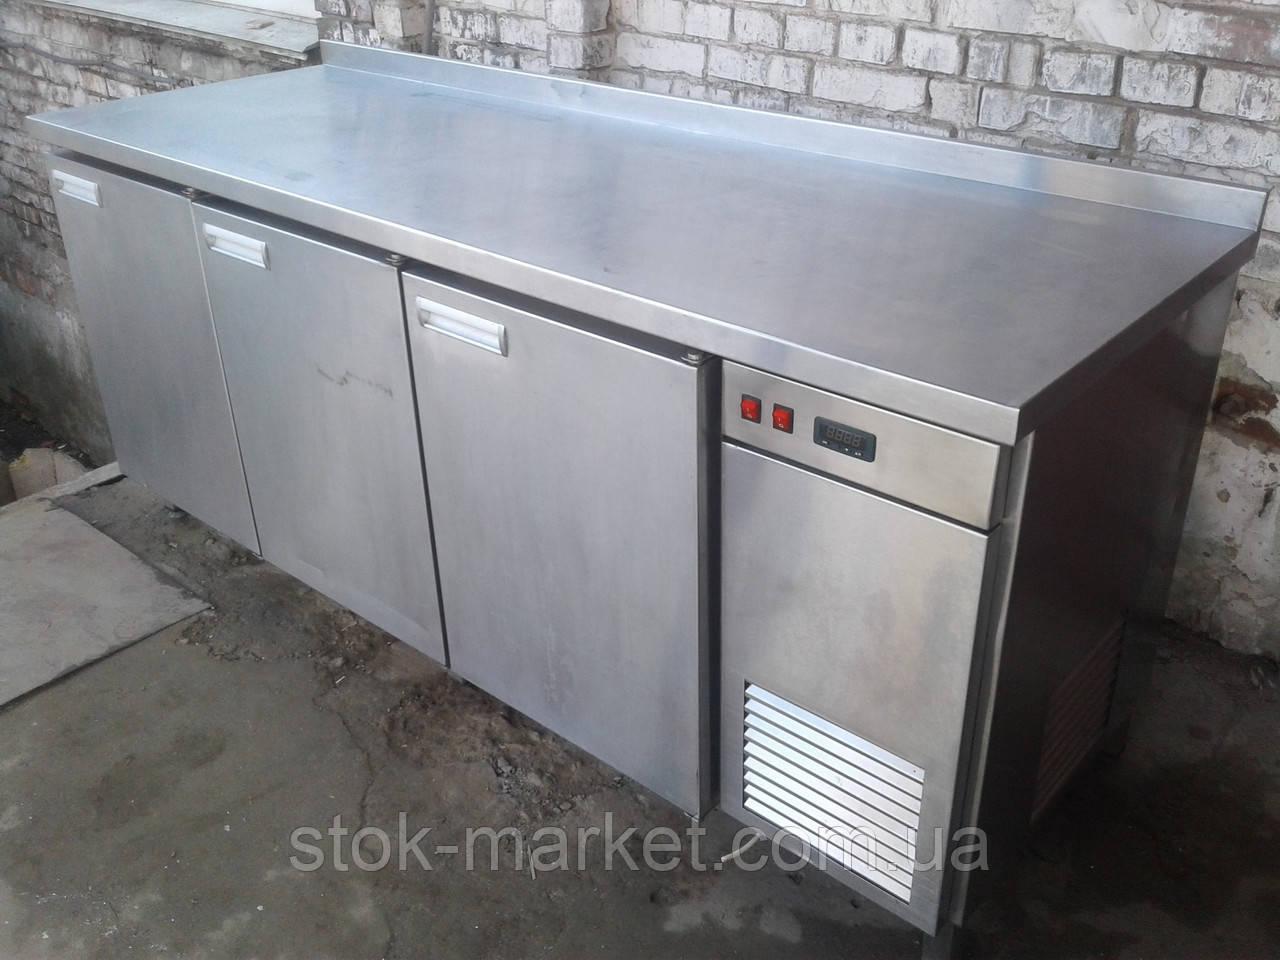 Холодильный стол Украина 2 м. б/у, Стол холодильный б у, Холодильный стол б у